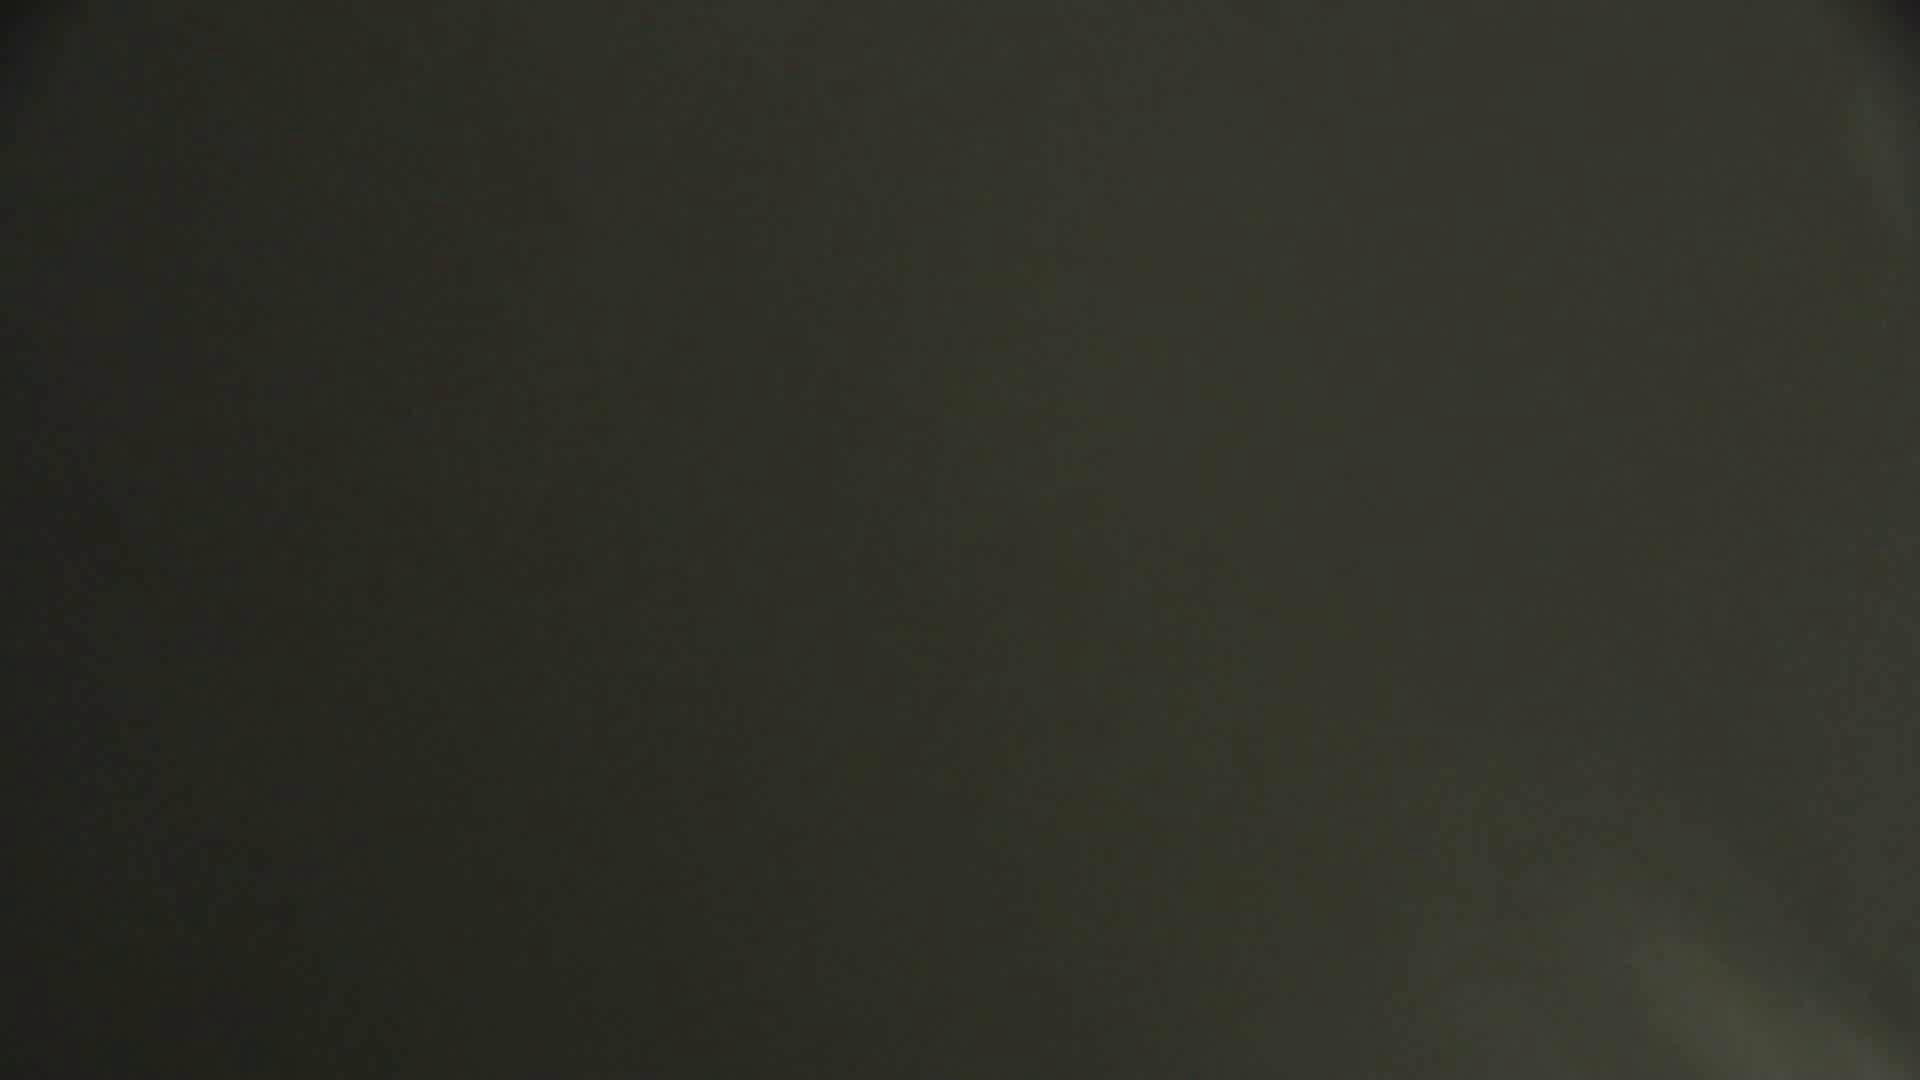 無修正おまんこ動画|洗面所特攻隊 vol.003 洗面所特攻隊さん本気を出しました。|怪盗ジョーカー